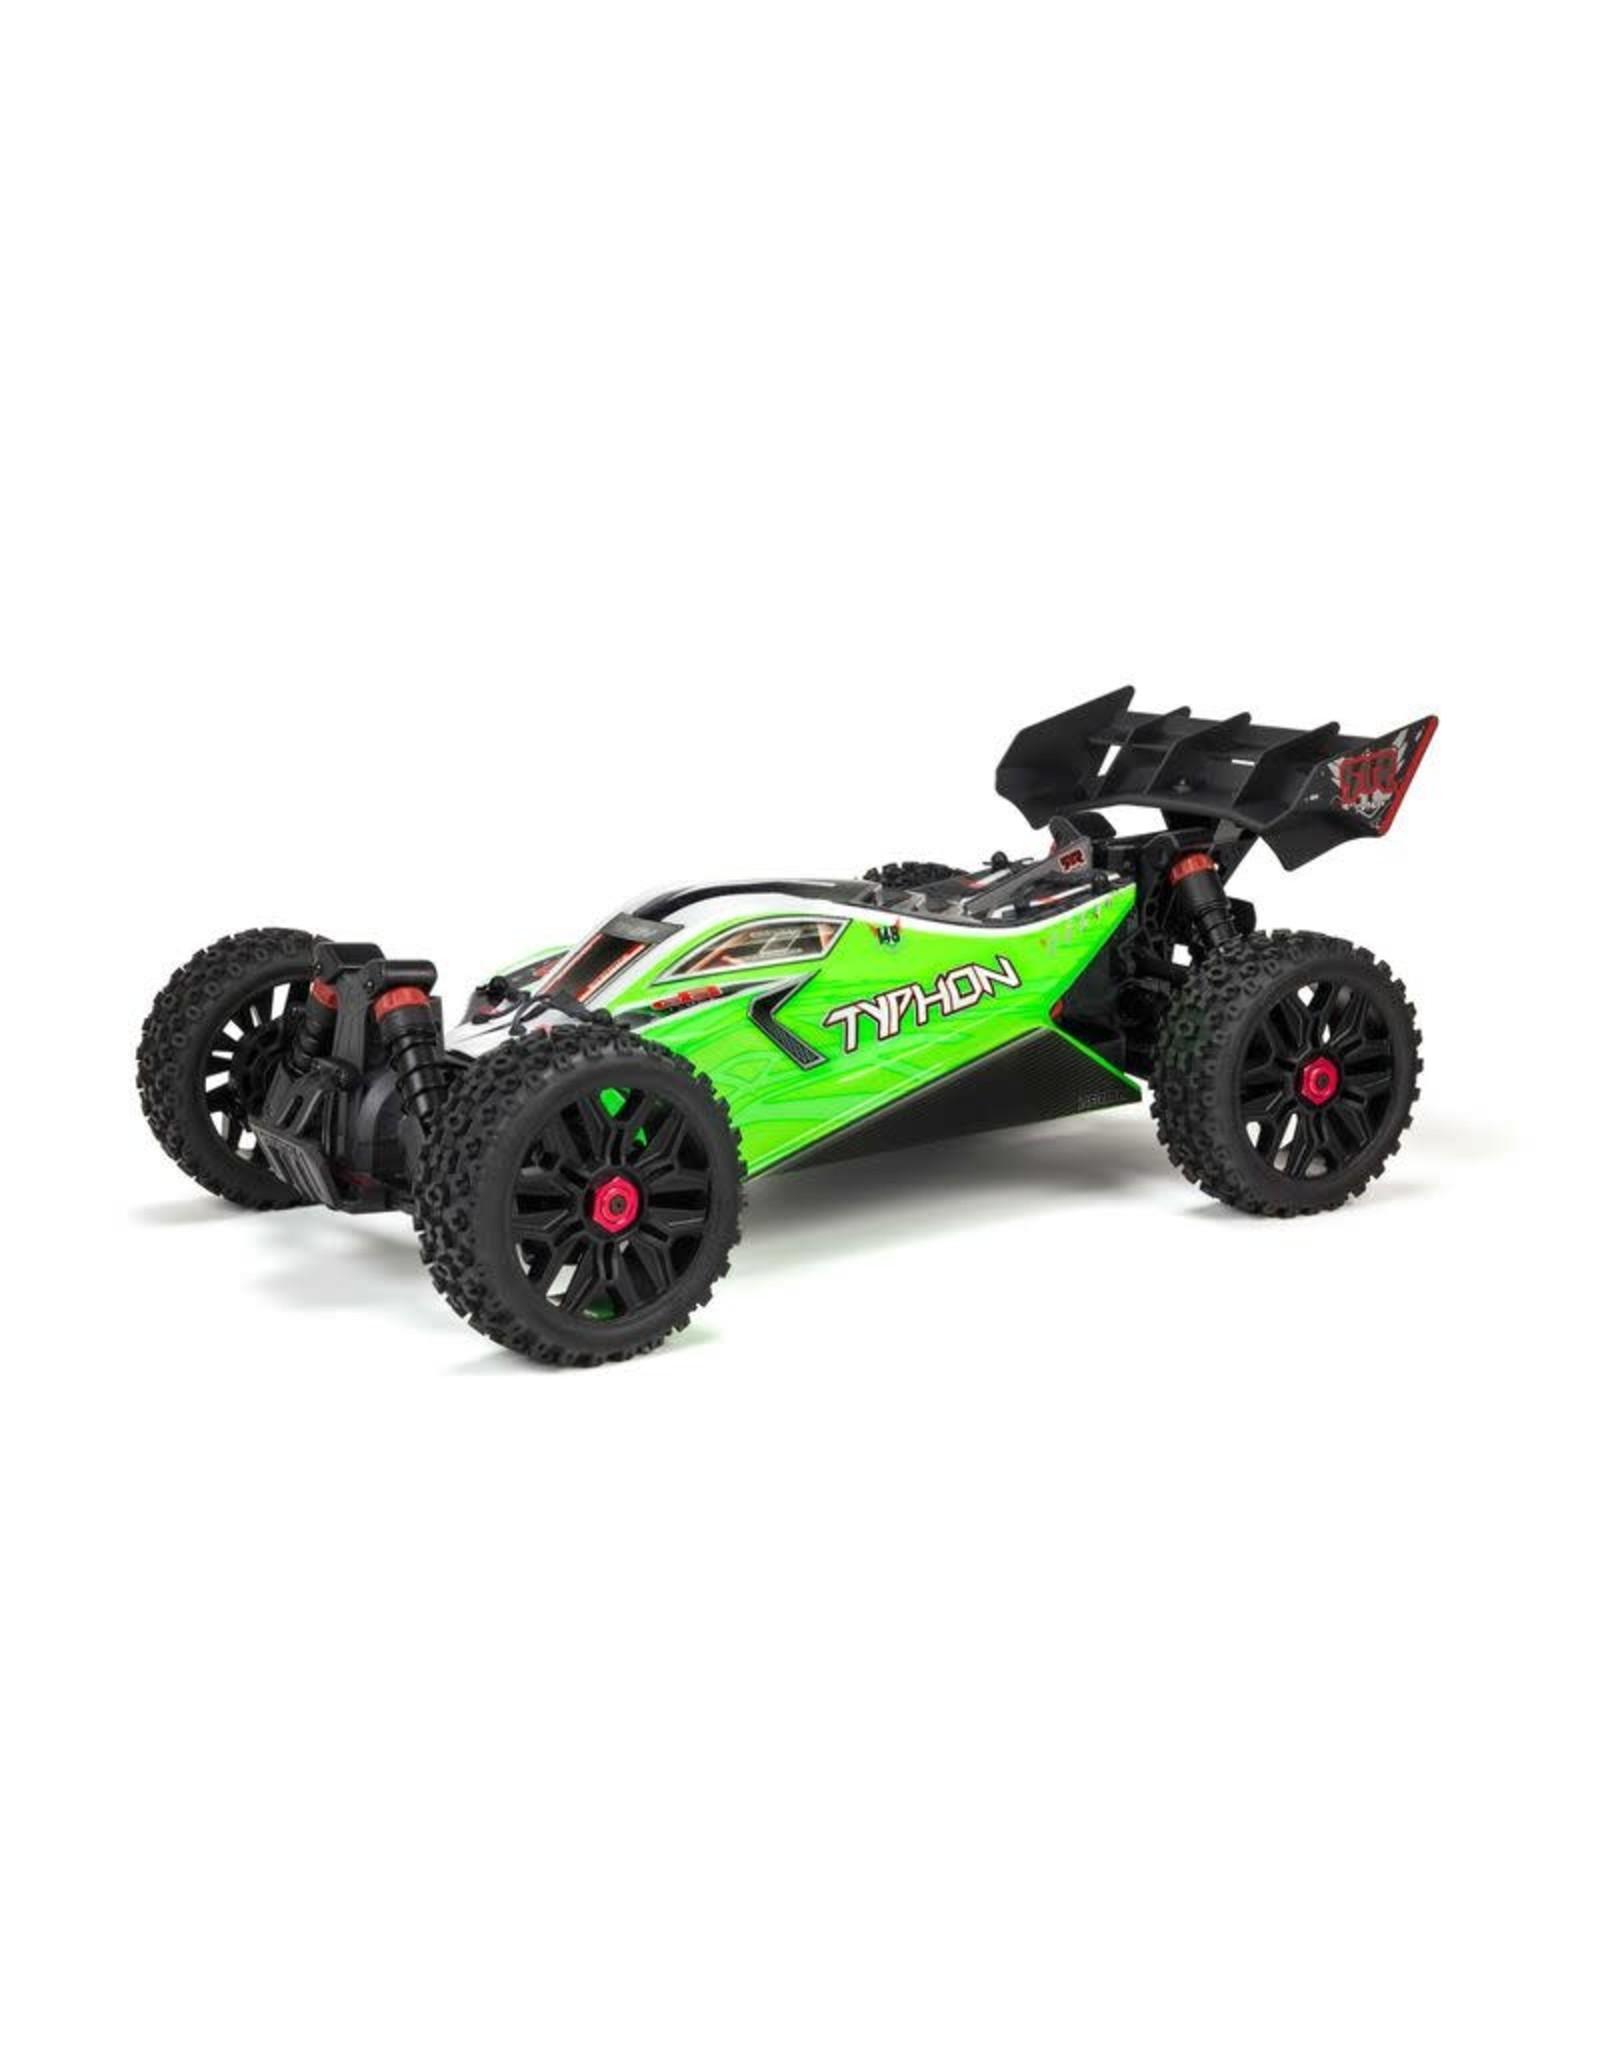 ARRMA 1/8 TYPHON 4X4 V3 MEGA 550 Brushed Buggy RTR, Green ARA4206v3